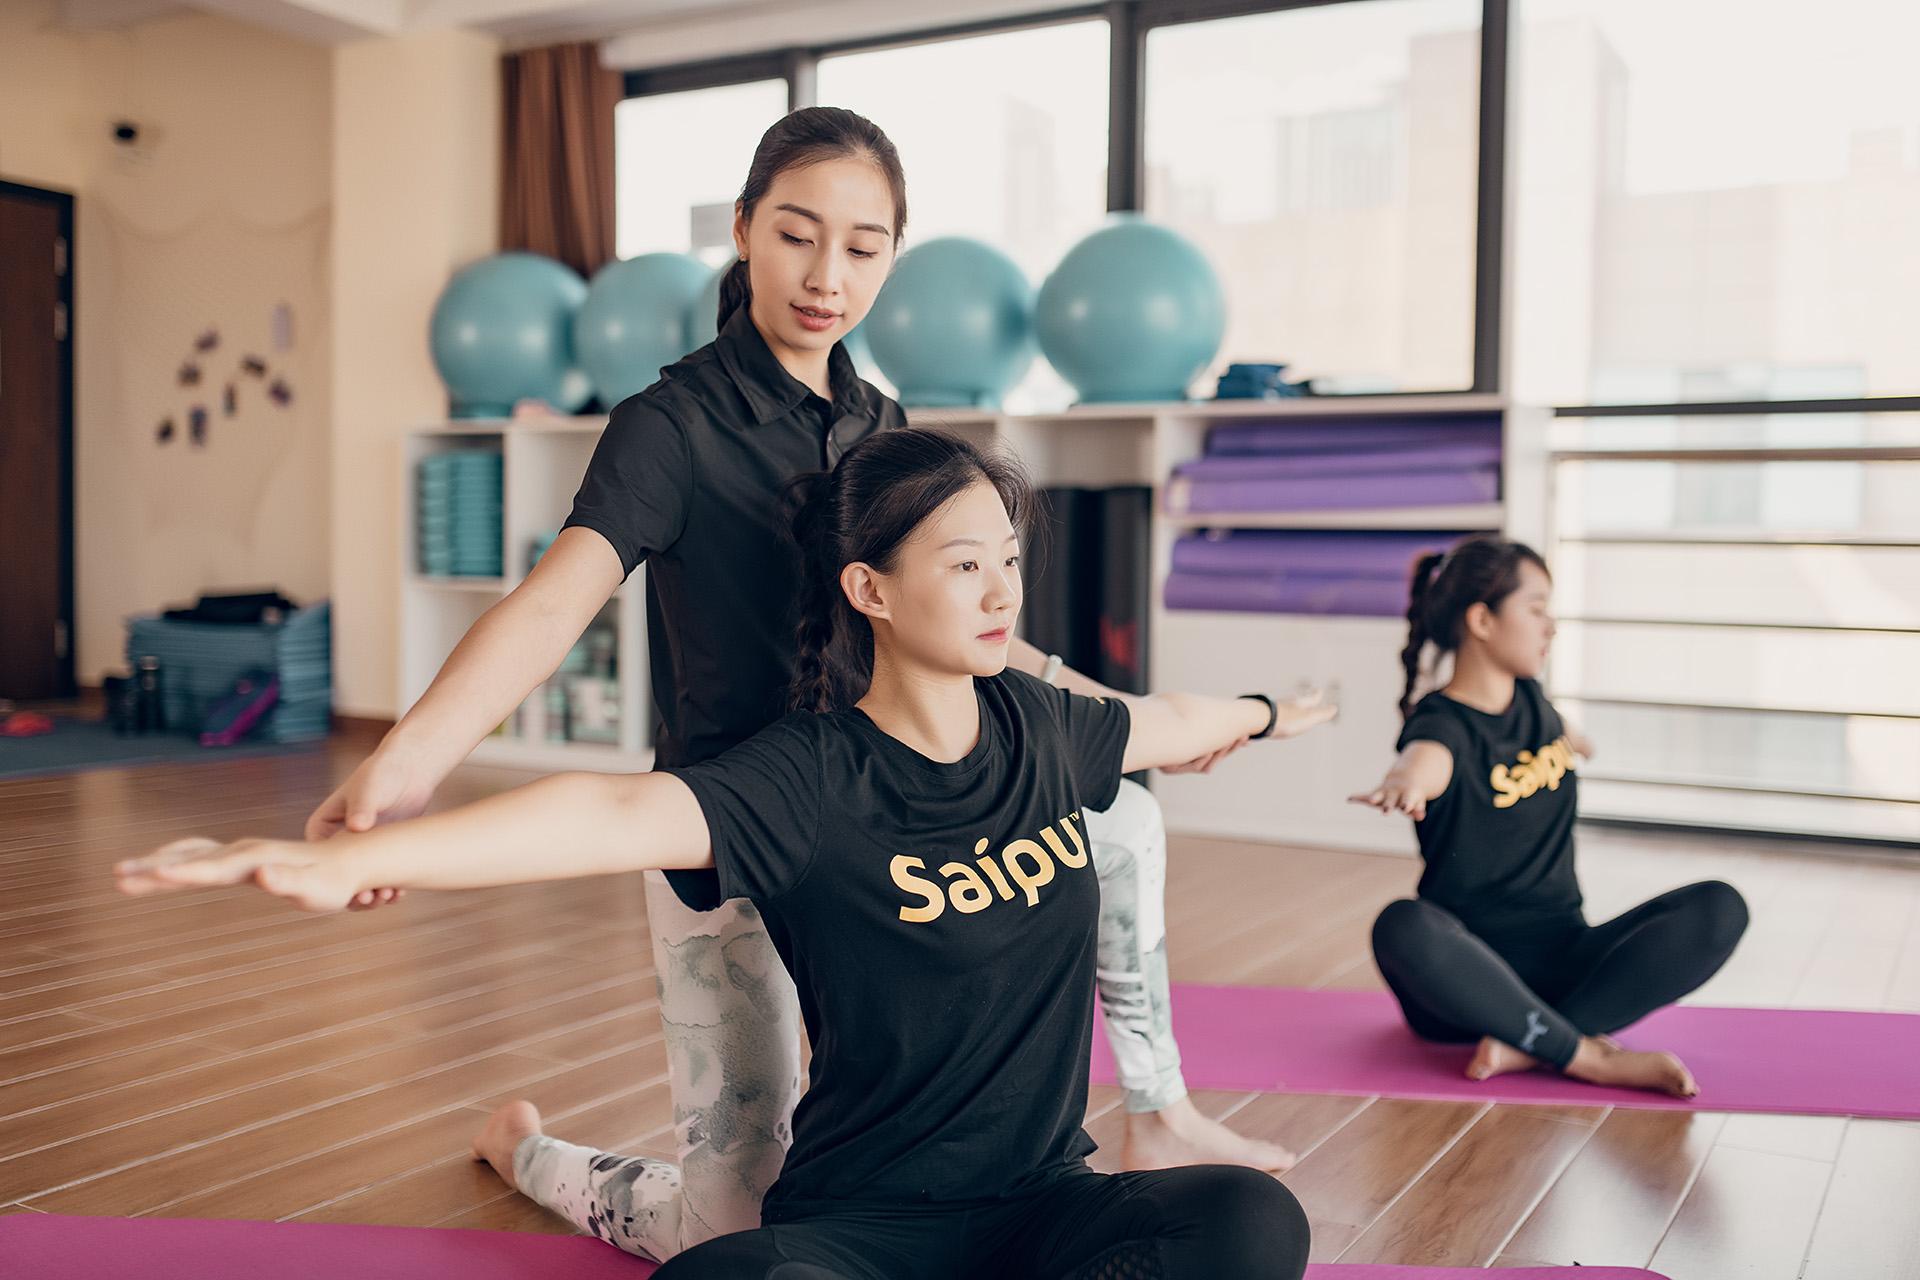 赛普健身教练培训基地普拉提训练